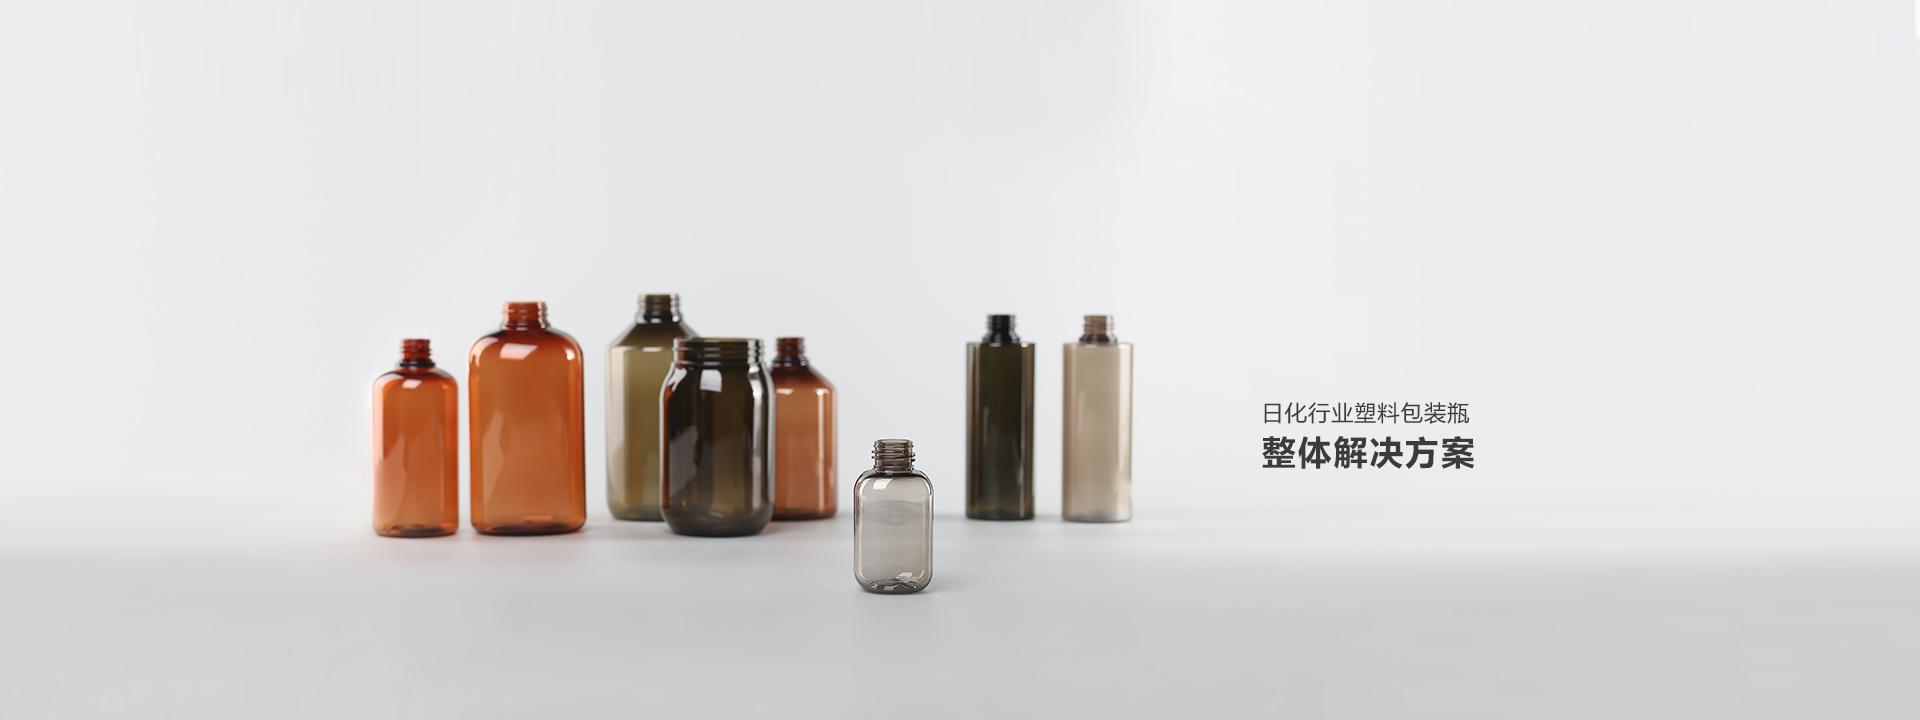 杰丽斯——为品质包装瓶而生